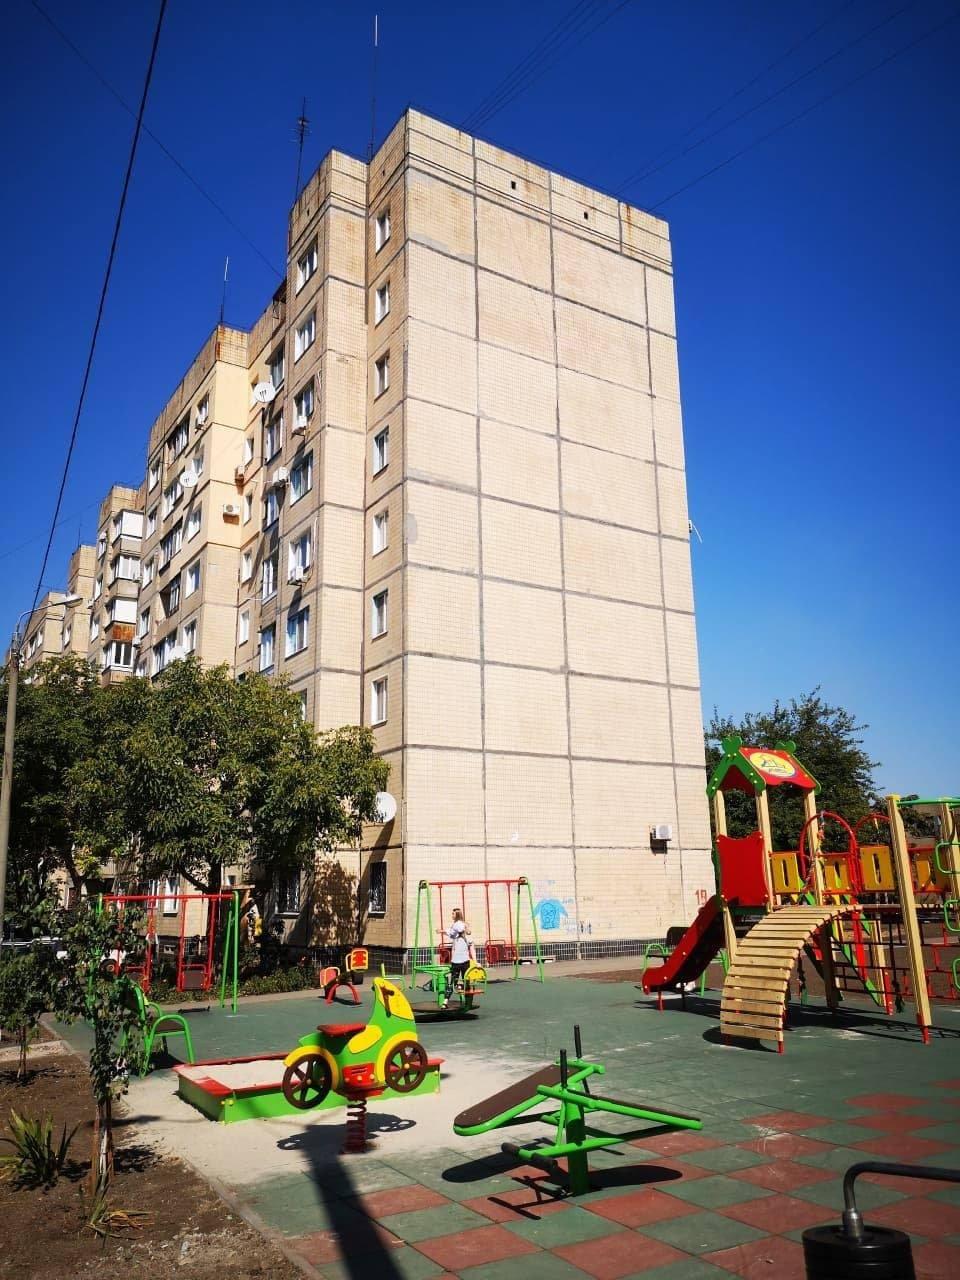 Ніяких компромісів щодо якості: Юрій Вілкул поставив завдання посилити контроль за якістю та строками виконання робіт з благоустрою на 4-м..., фото-5